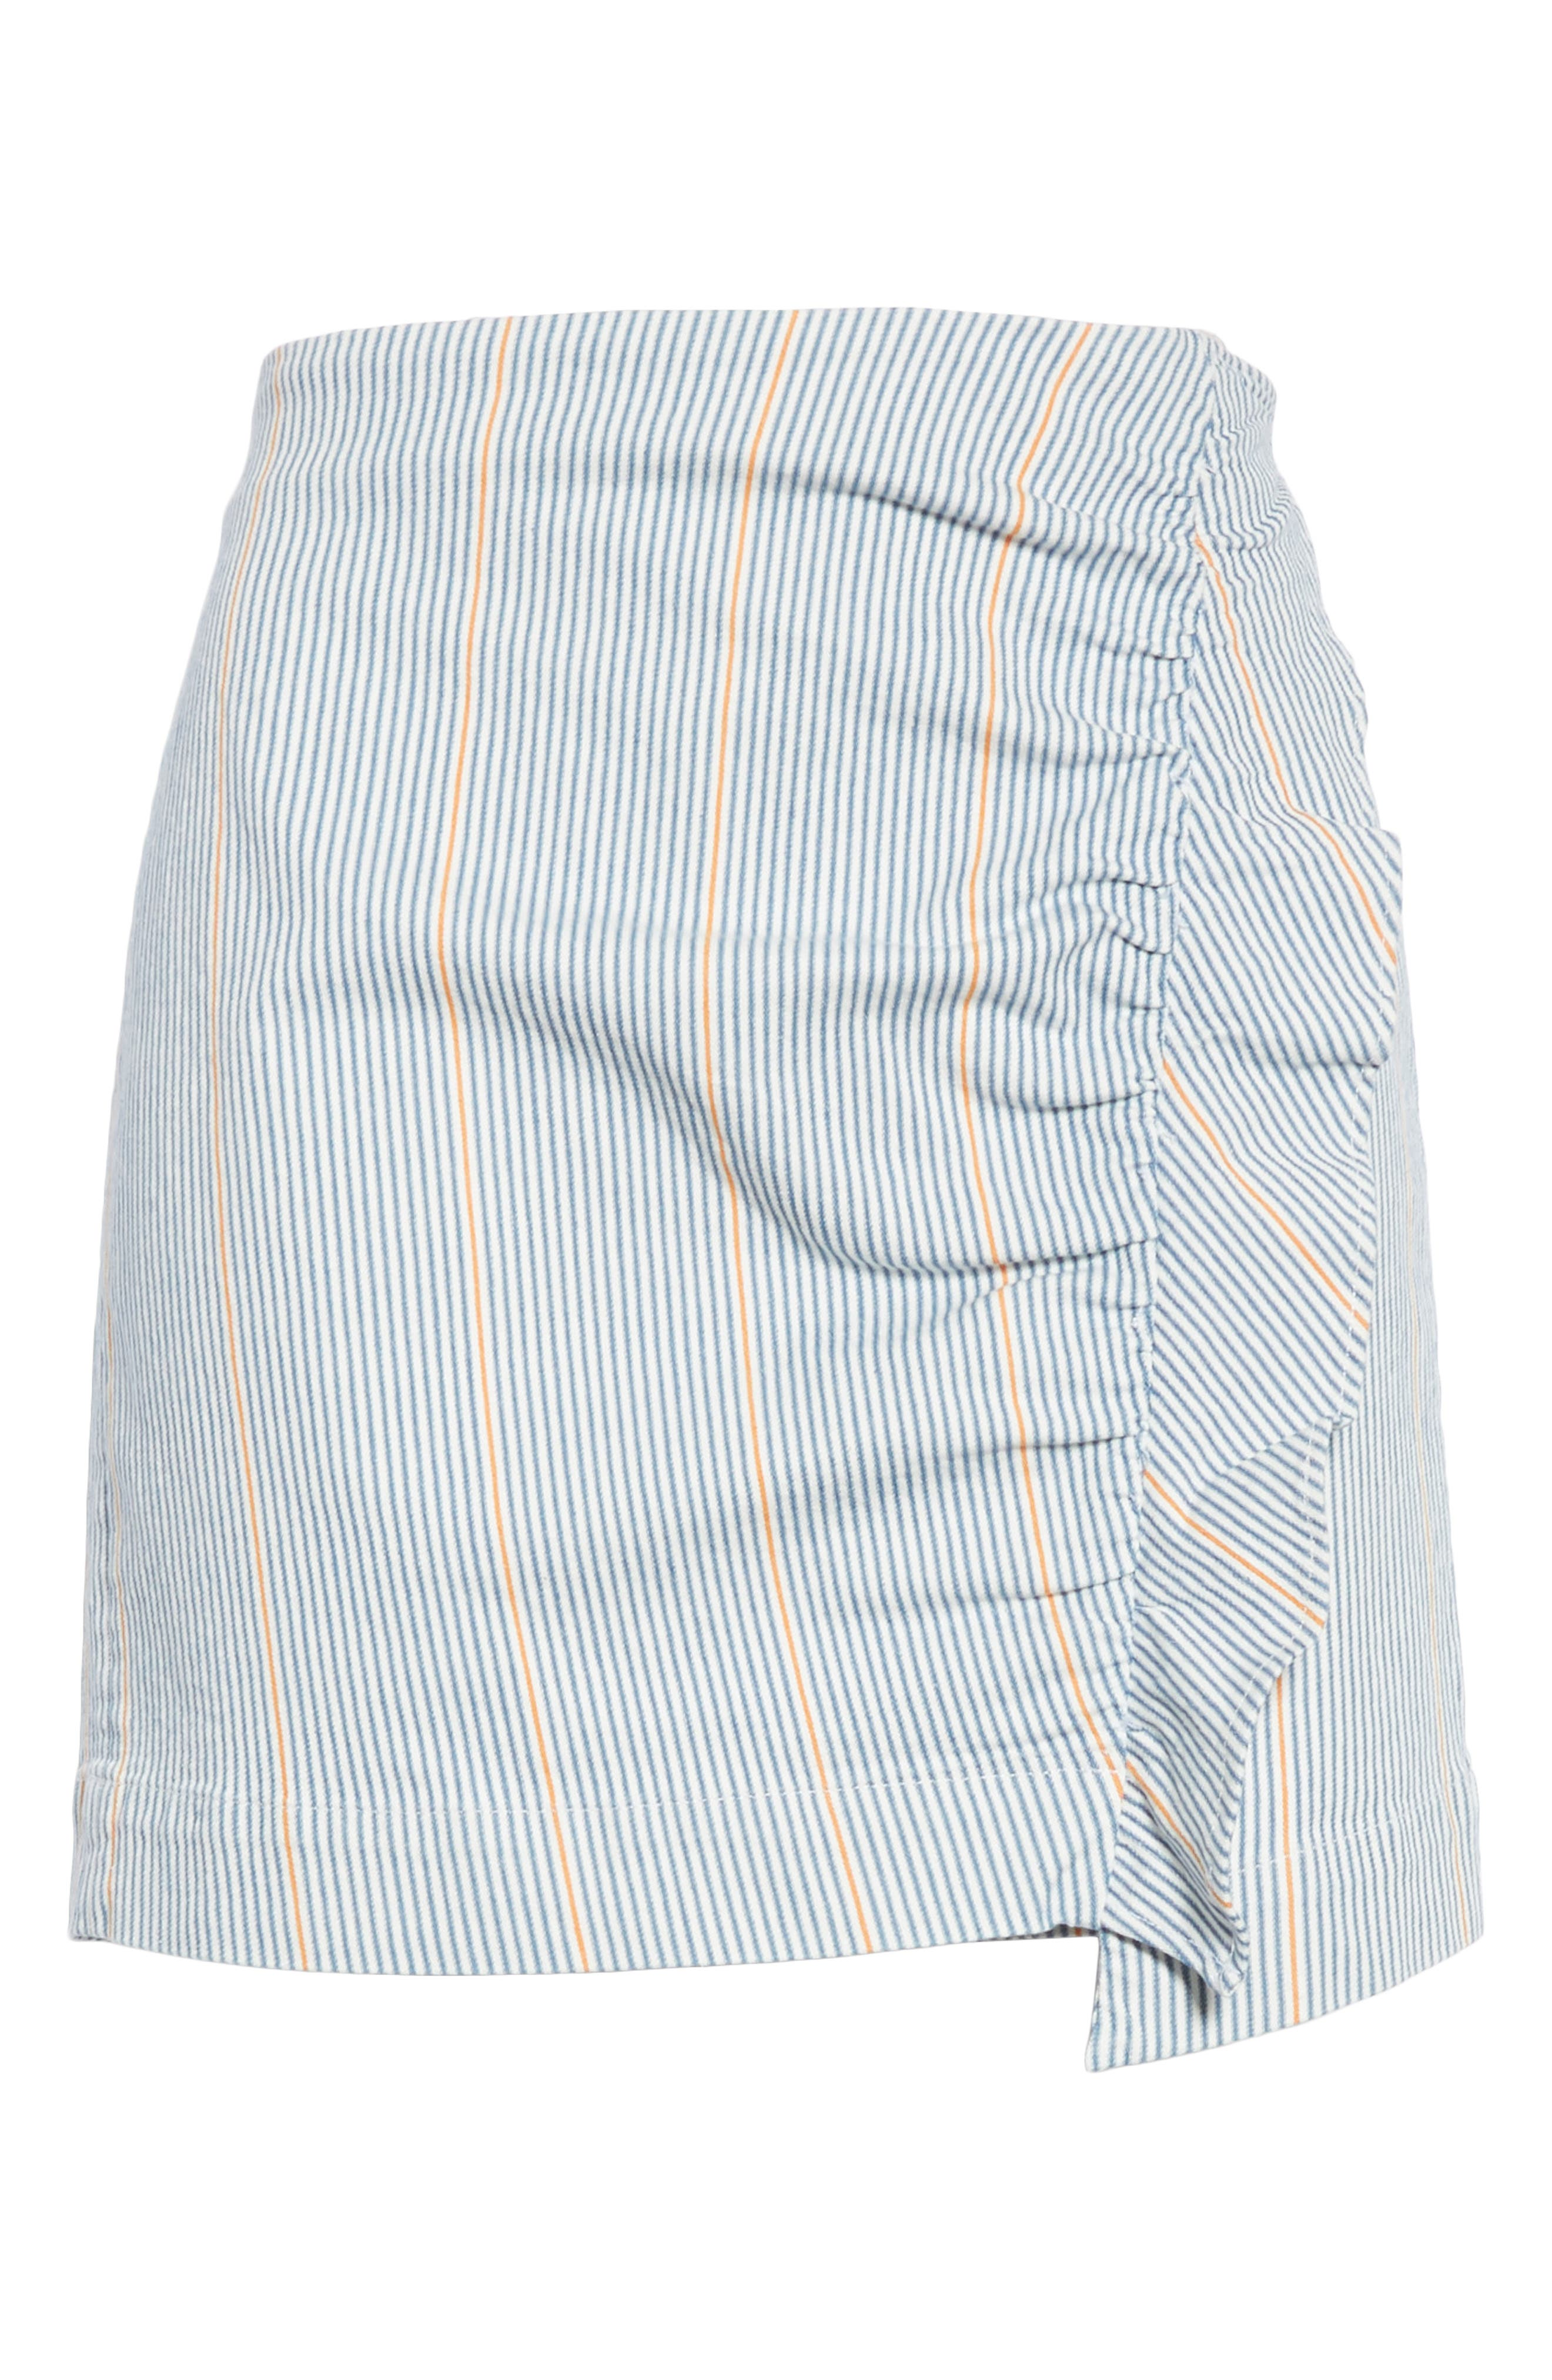 Jane Stripe Ruffle Detail Skirt,                             Alternate thumbnail 6, color,                             NILLIE SKIRT